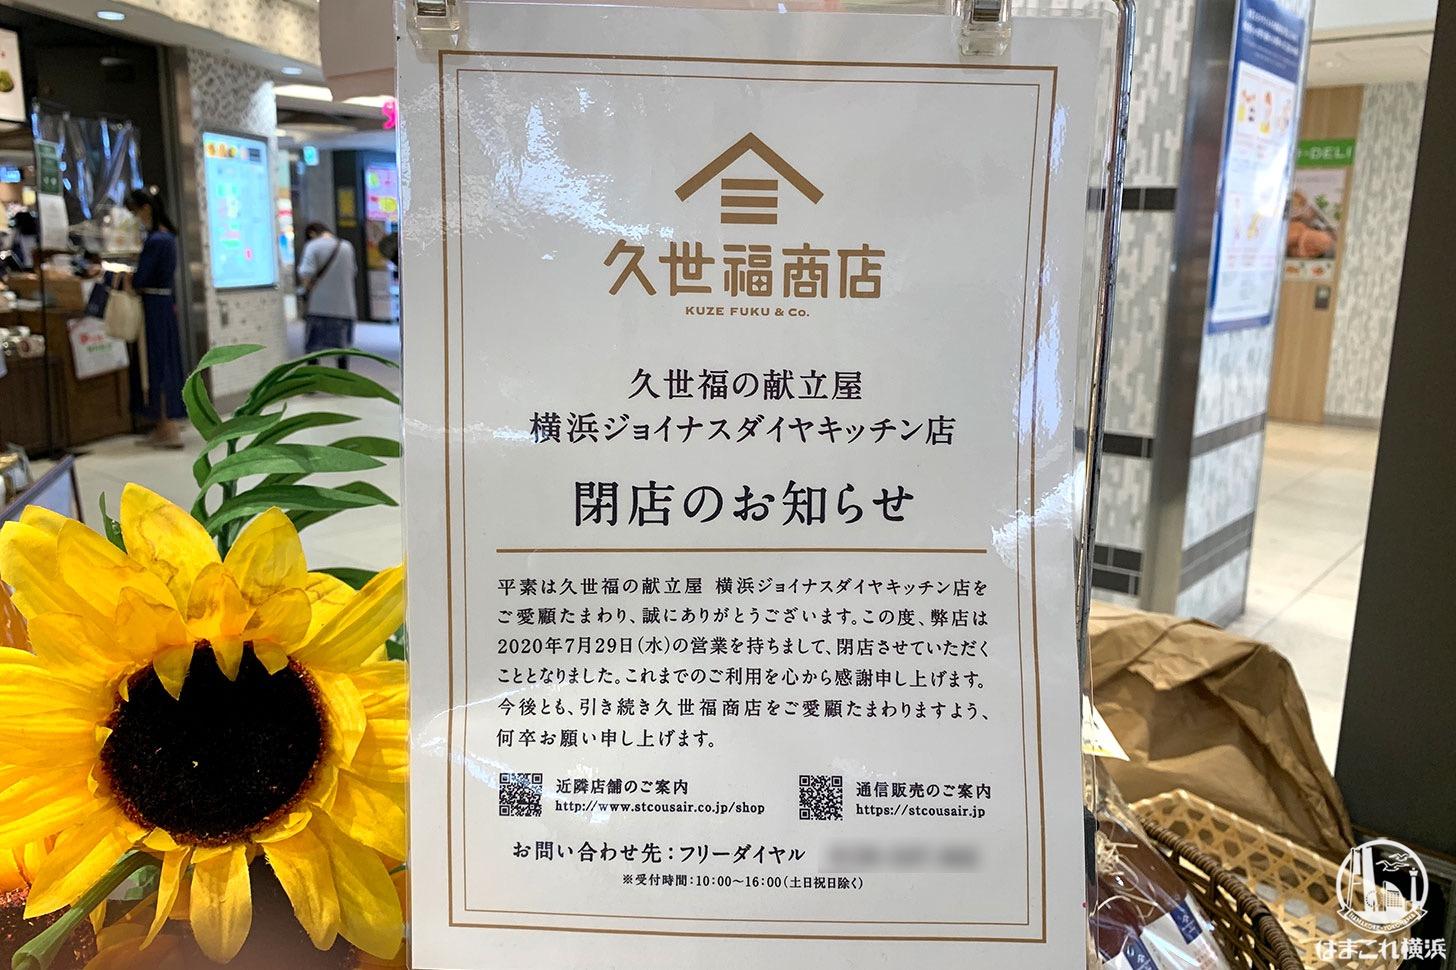 久世福商店「久世福の献立屋」閉店のお知らせ